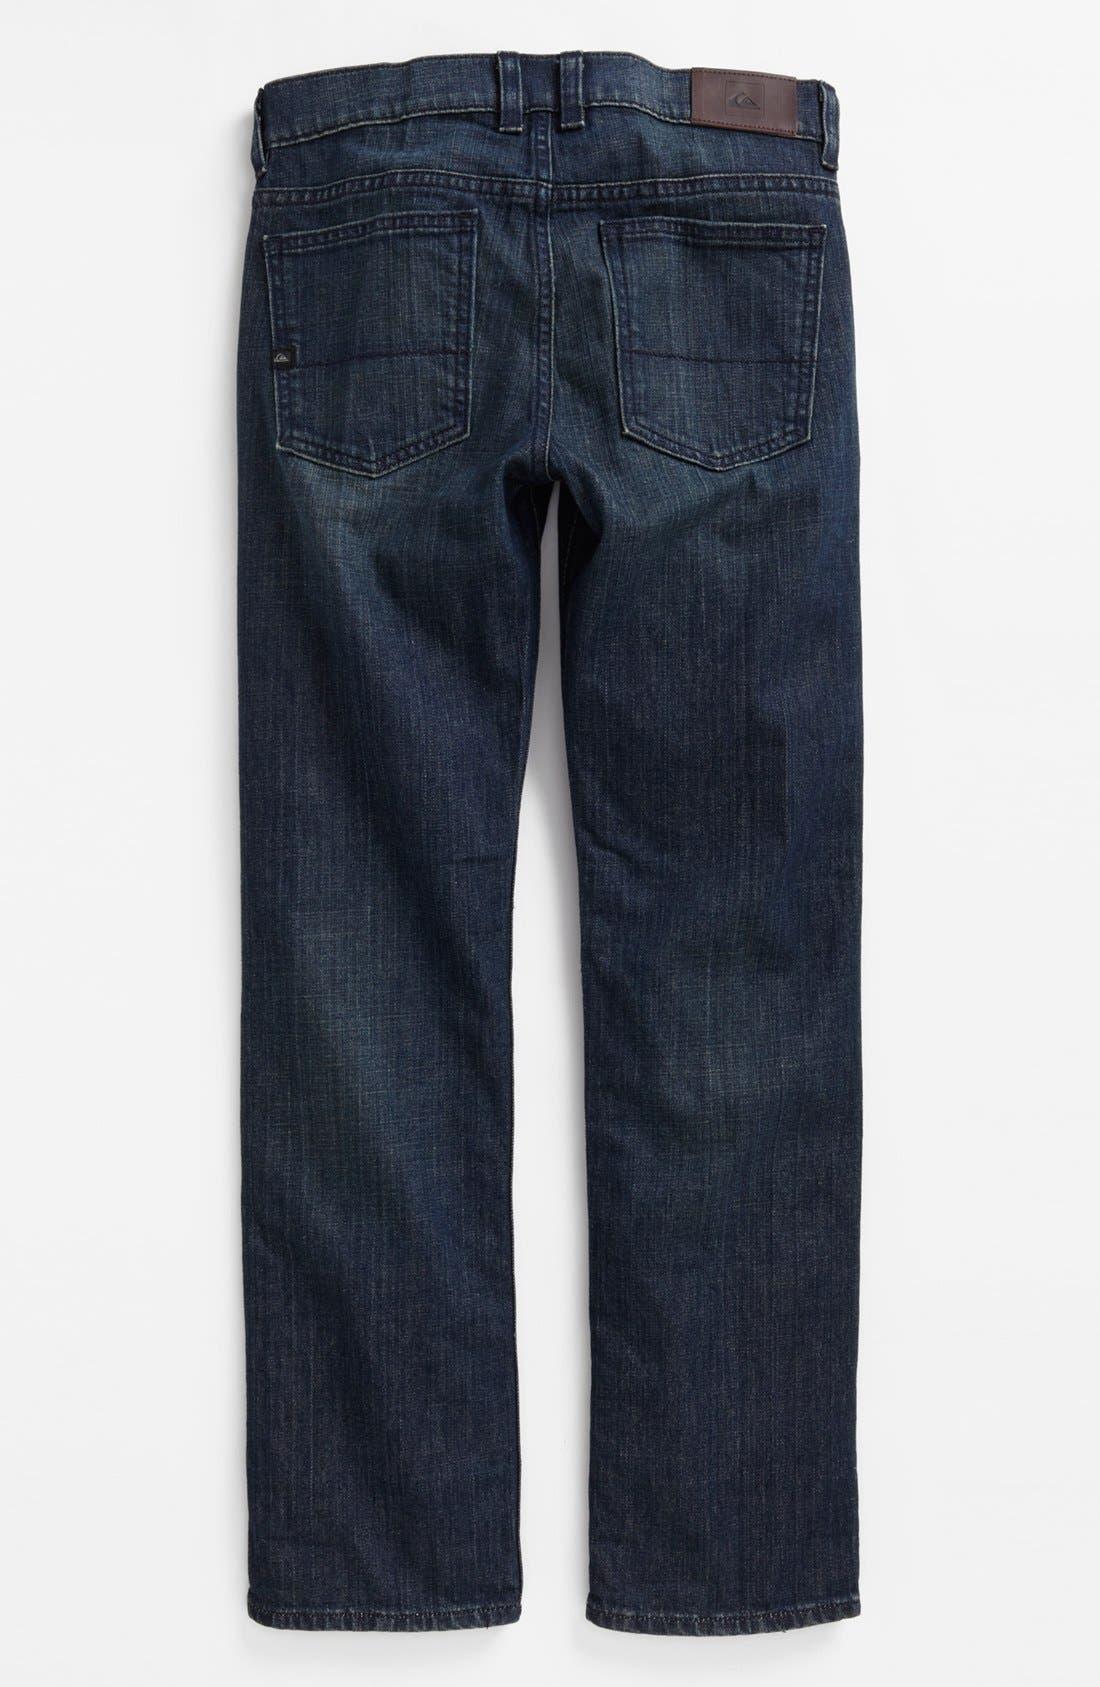 Alternate Image 1 Selected - Quiksilver 'Revolver' Straight Leg Jeans (Little Boys)